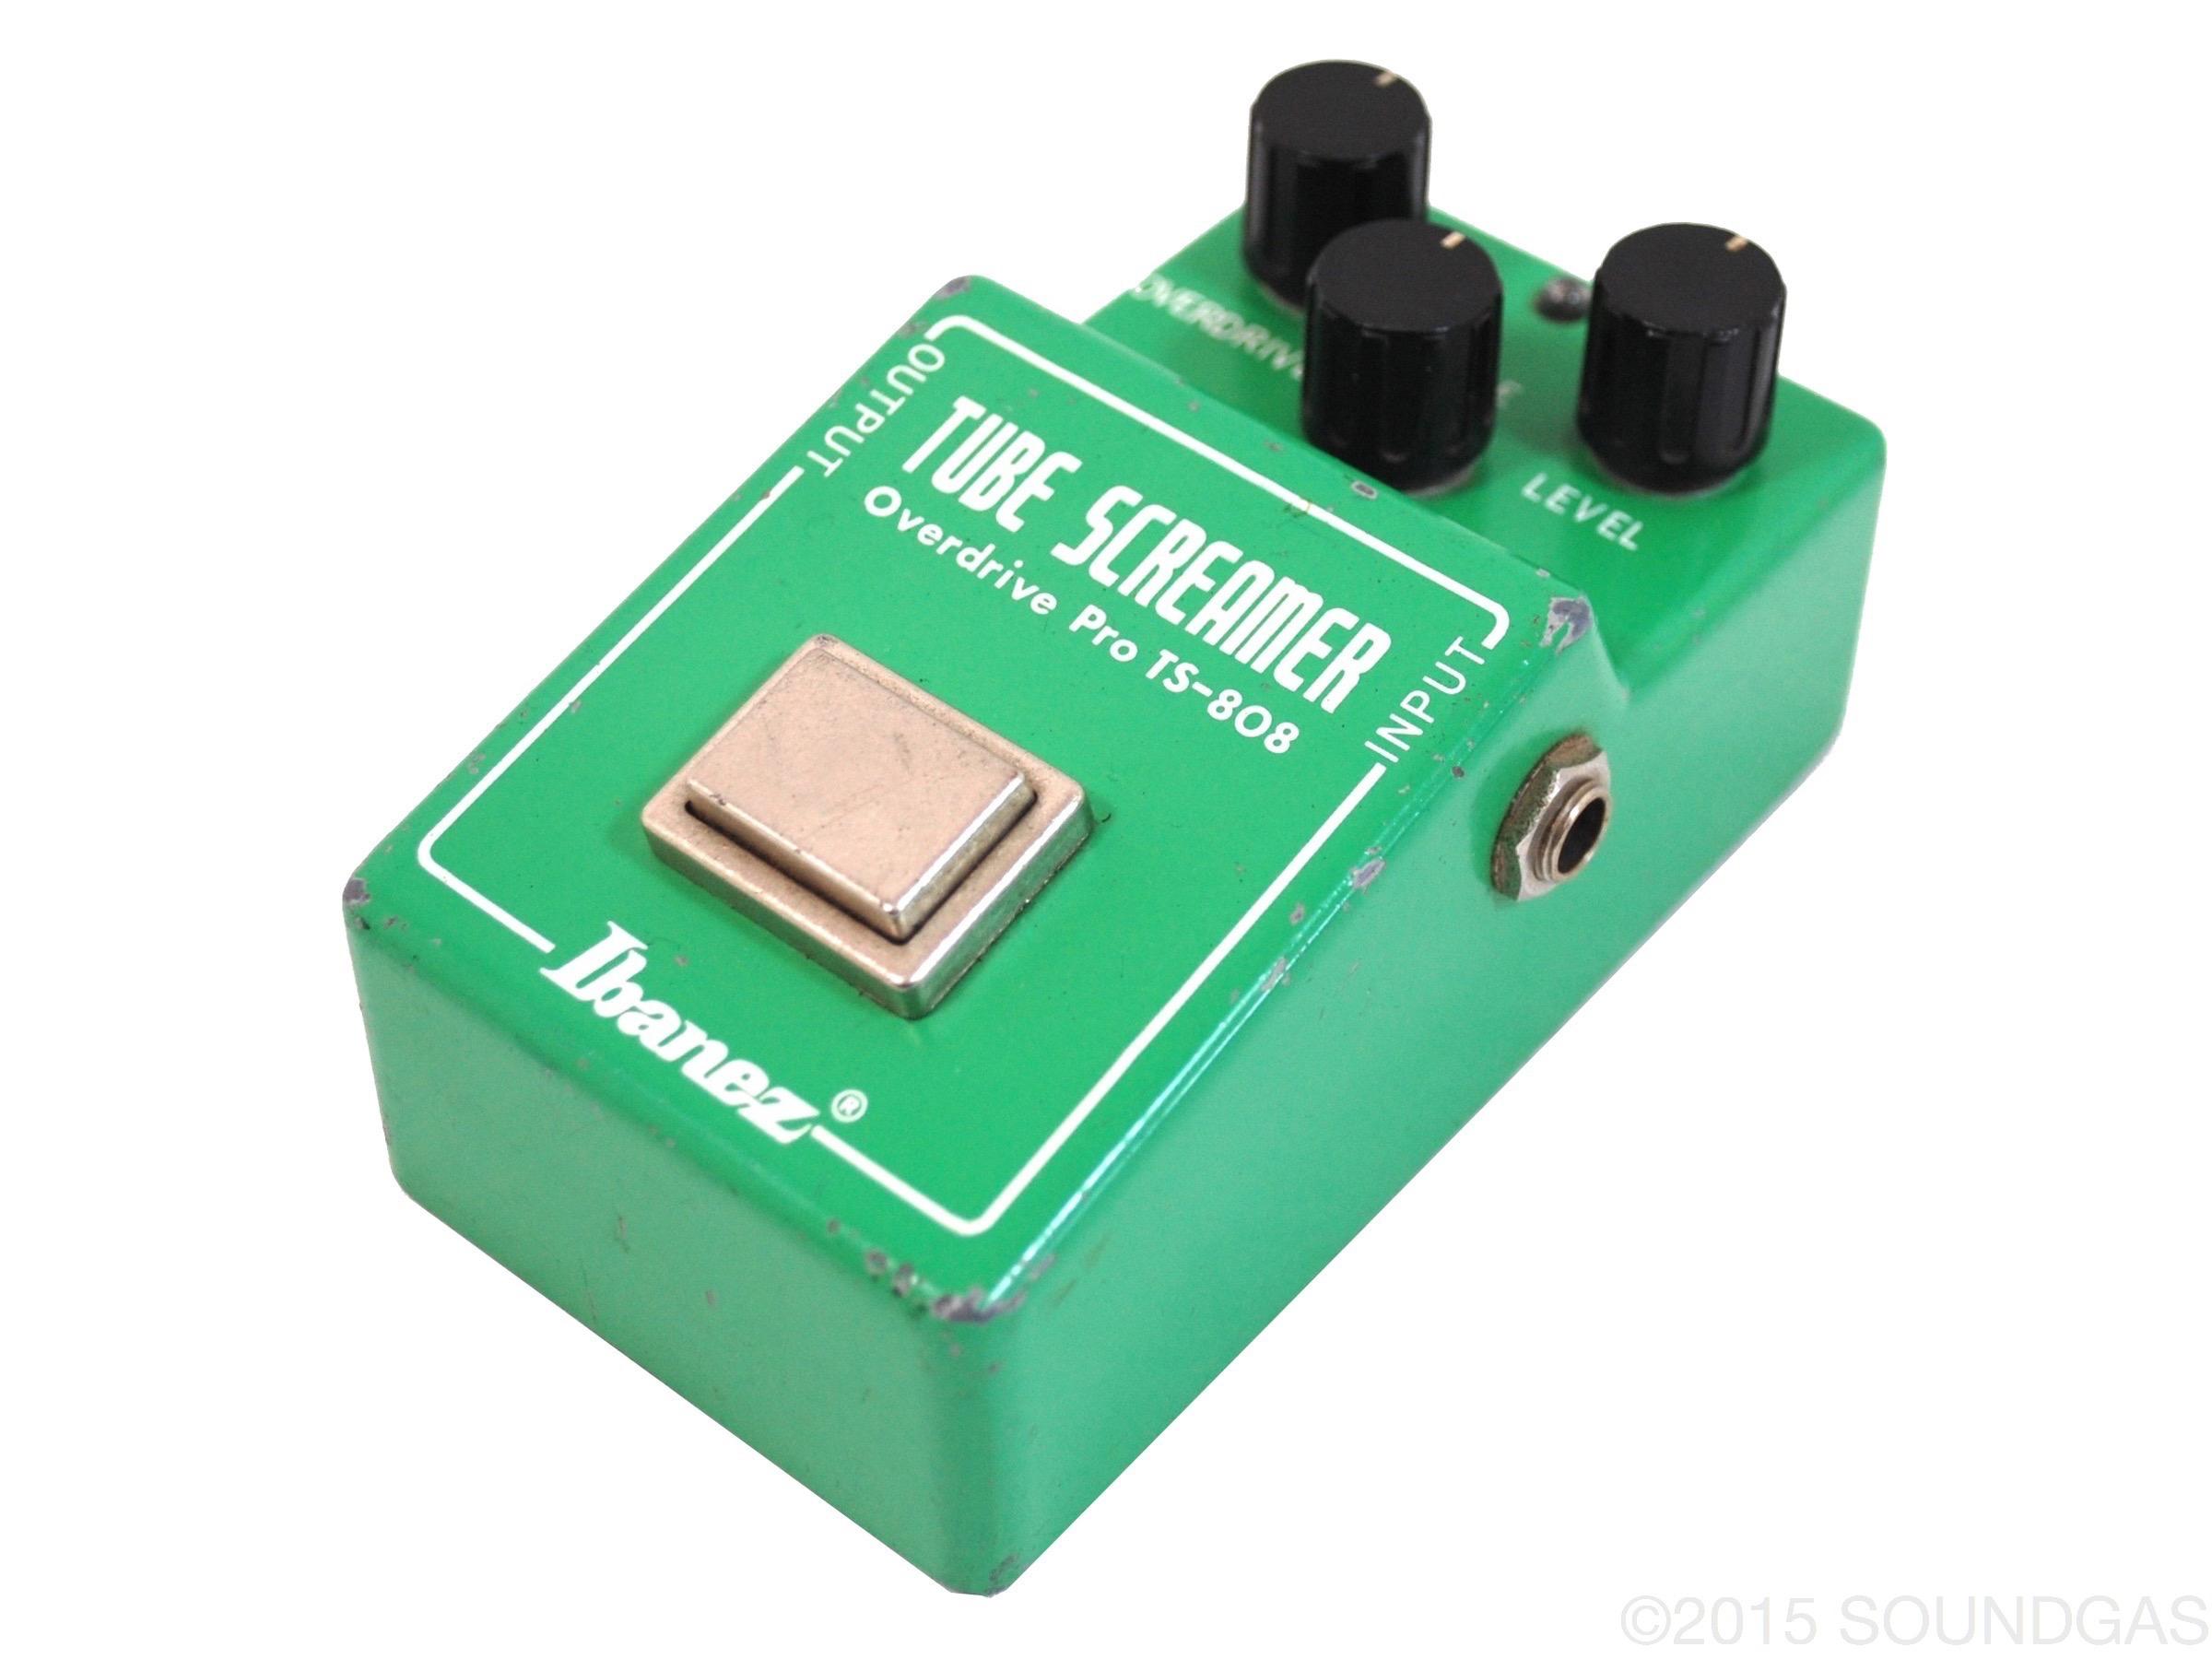 ibanez ts 808 tube screamer 1981 effect pedal for sale soundgas ltd. Black Bedroom Furniture Sets. Home Design Ideas